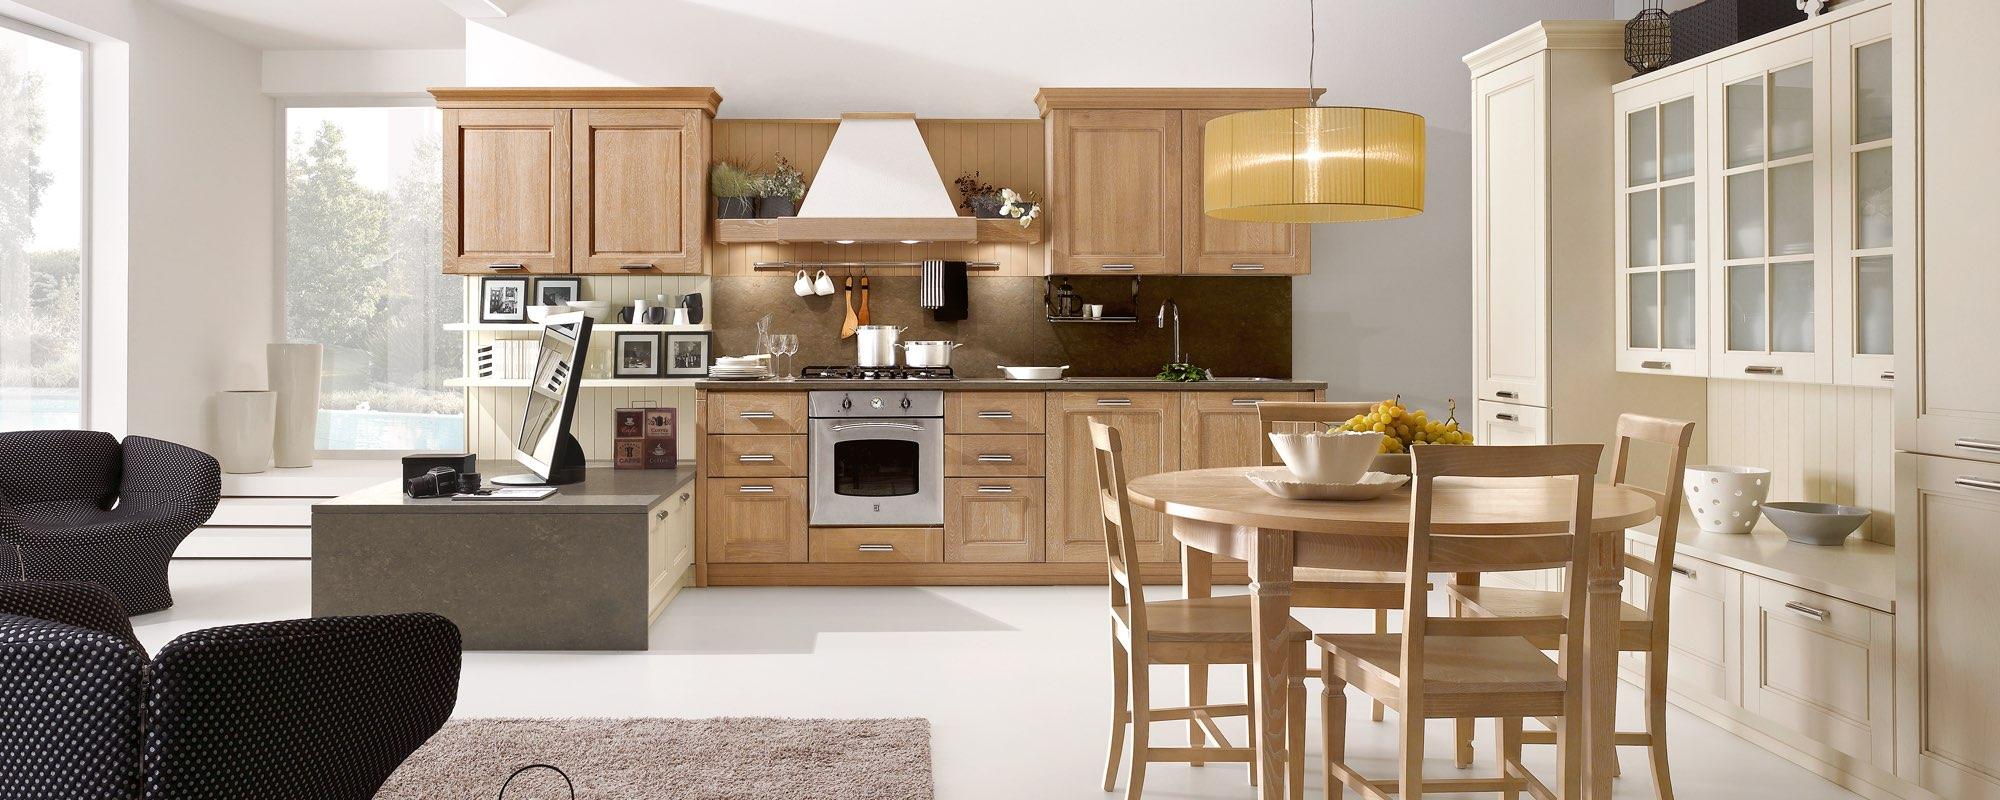 tavolo e sedie da cucina stosa contemporanea -ONTARIO